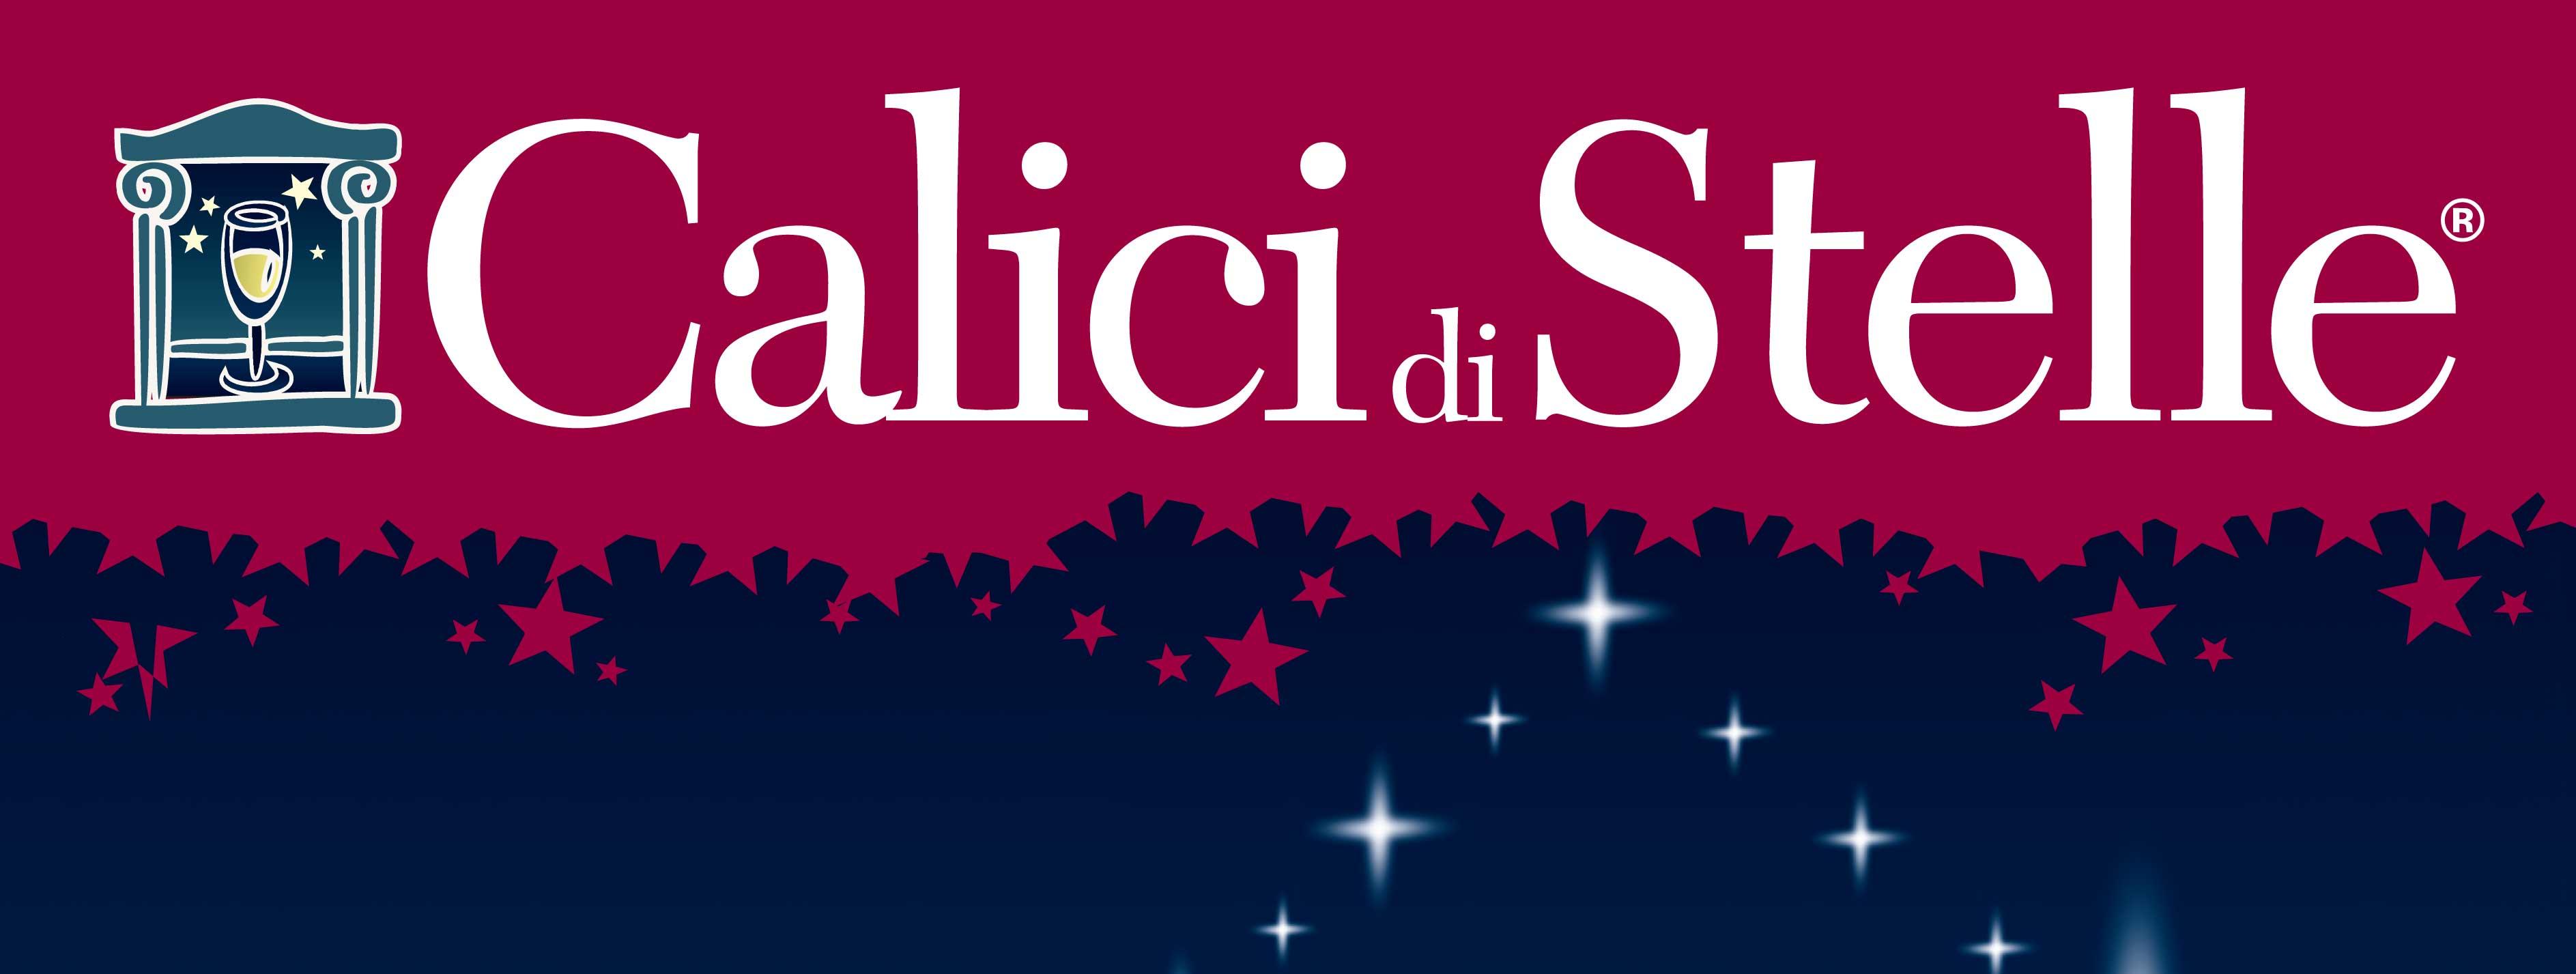 Calici di Stelle in Friuli VG, presentato il cartellone degli eventi